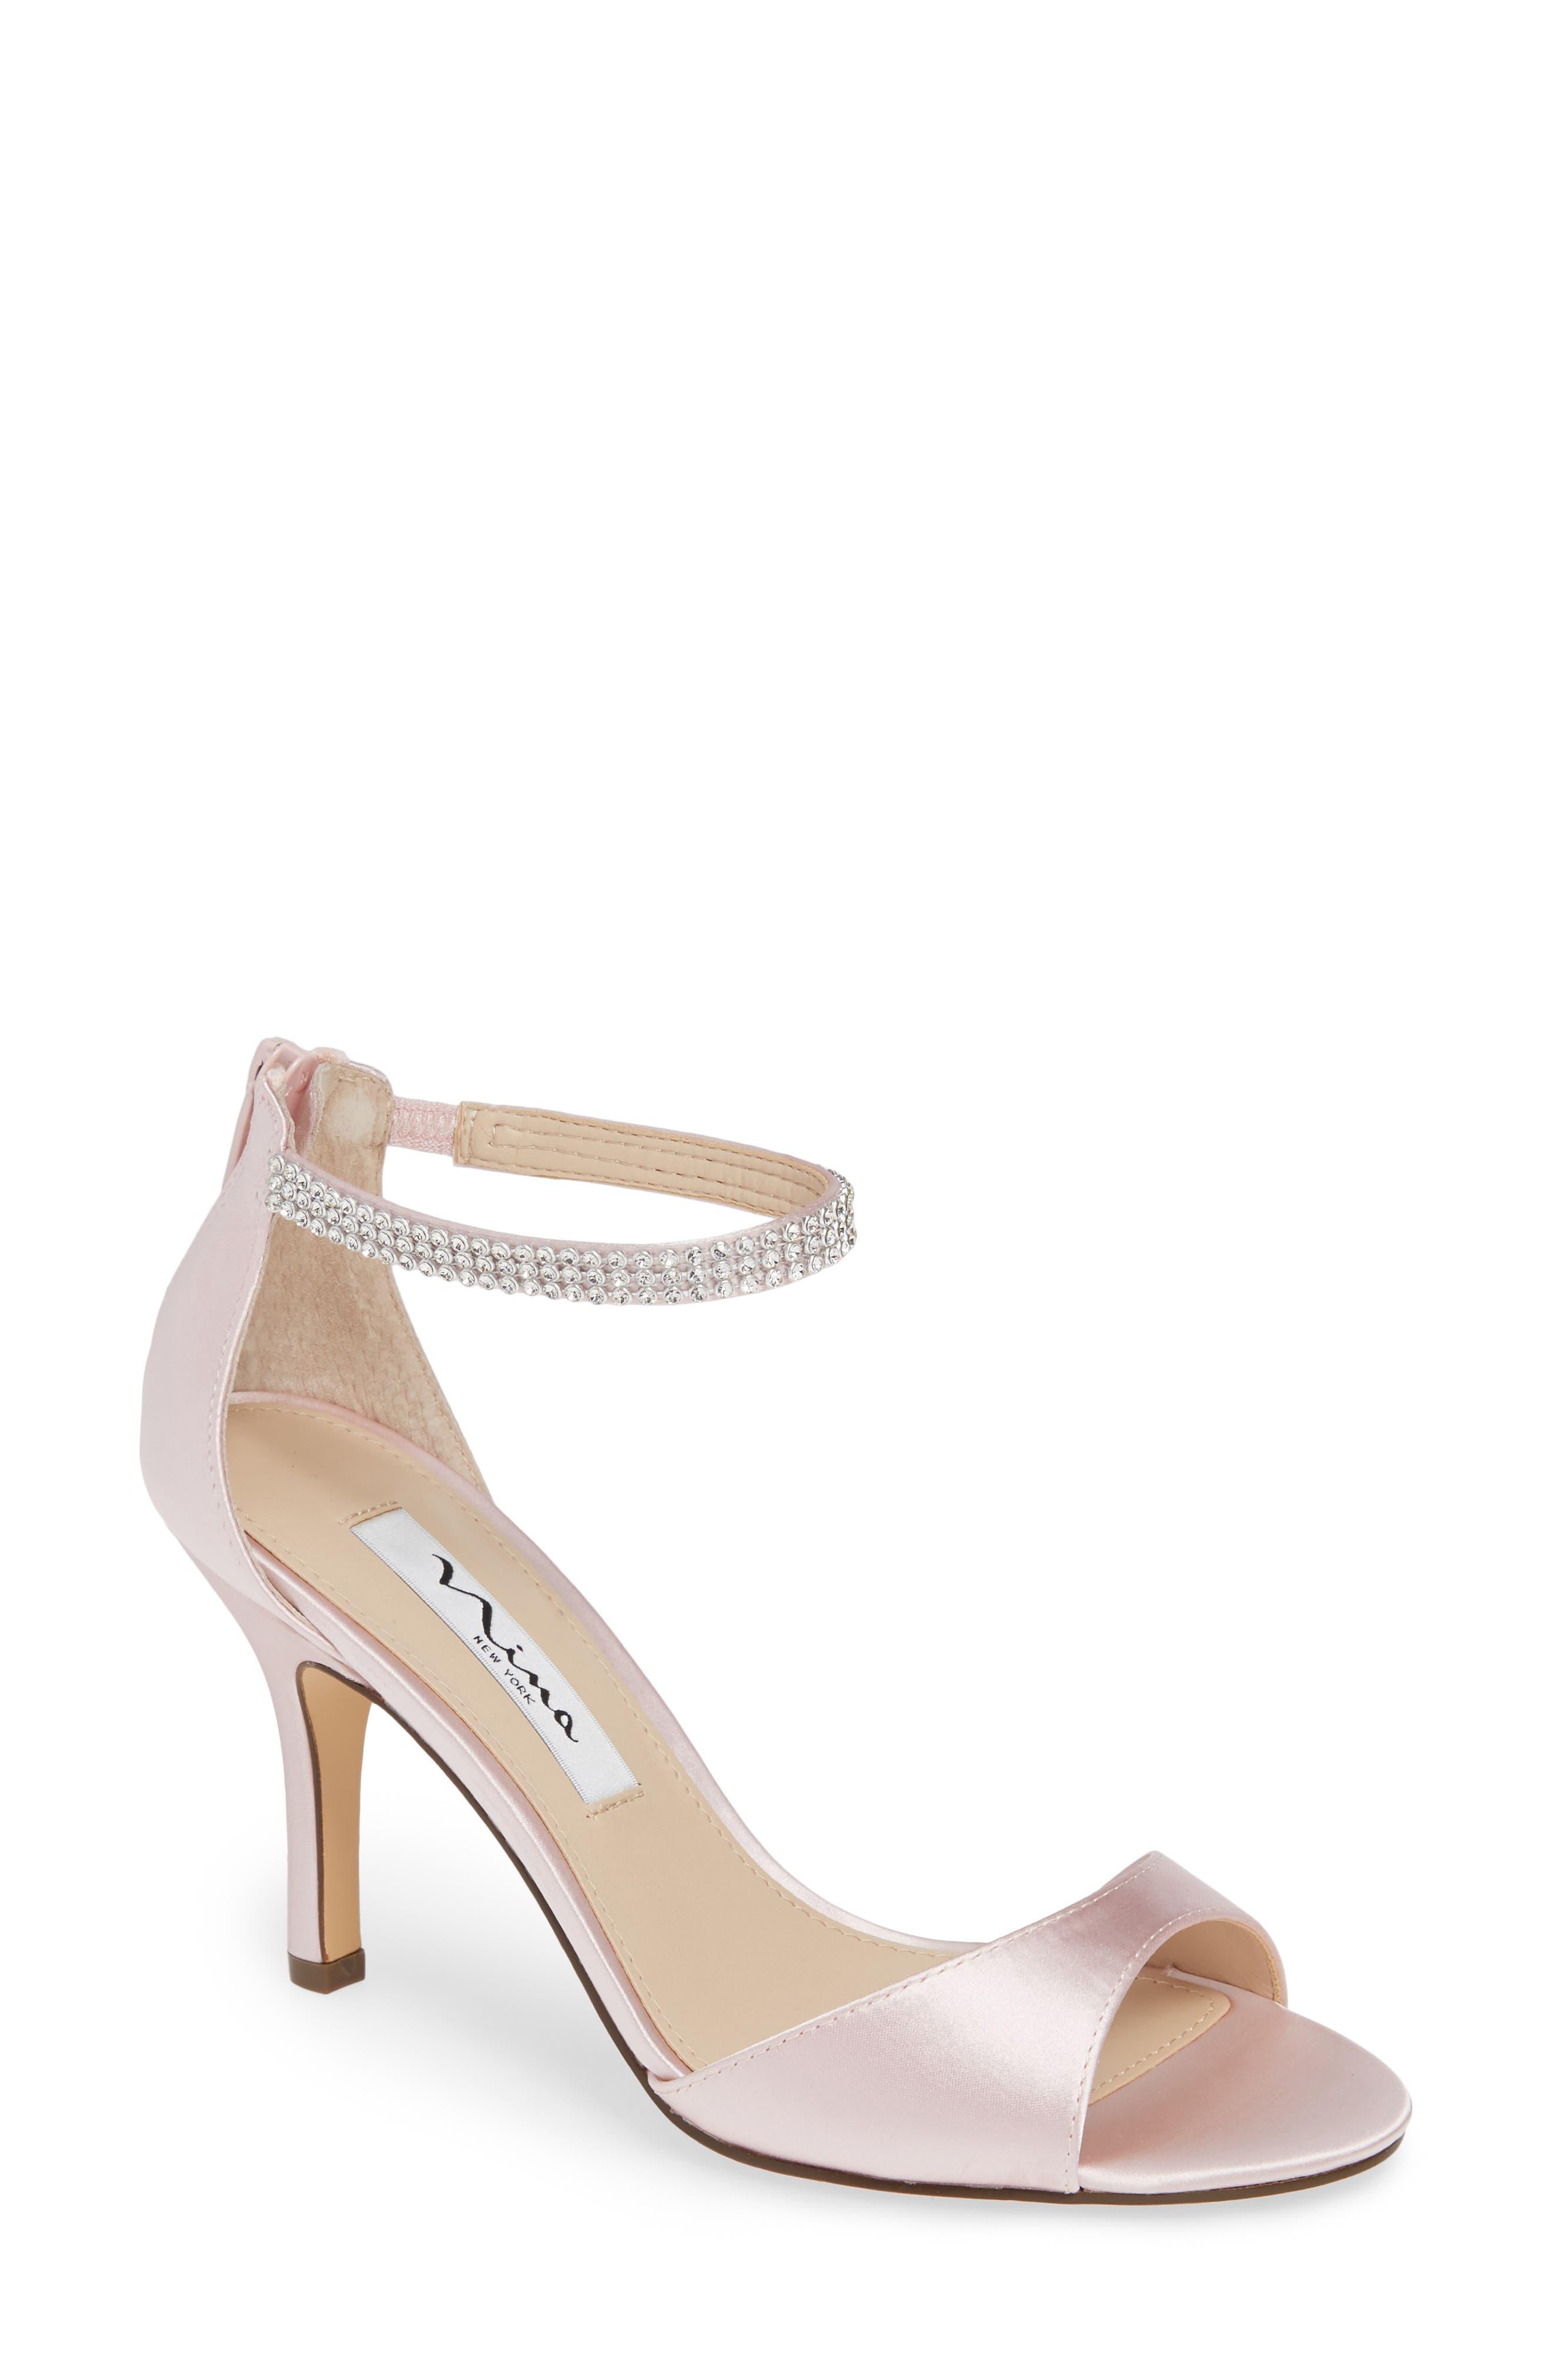 073c1e6af3e Nina Ankle-Strap Evening Shoes